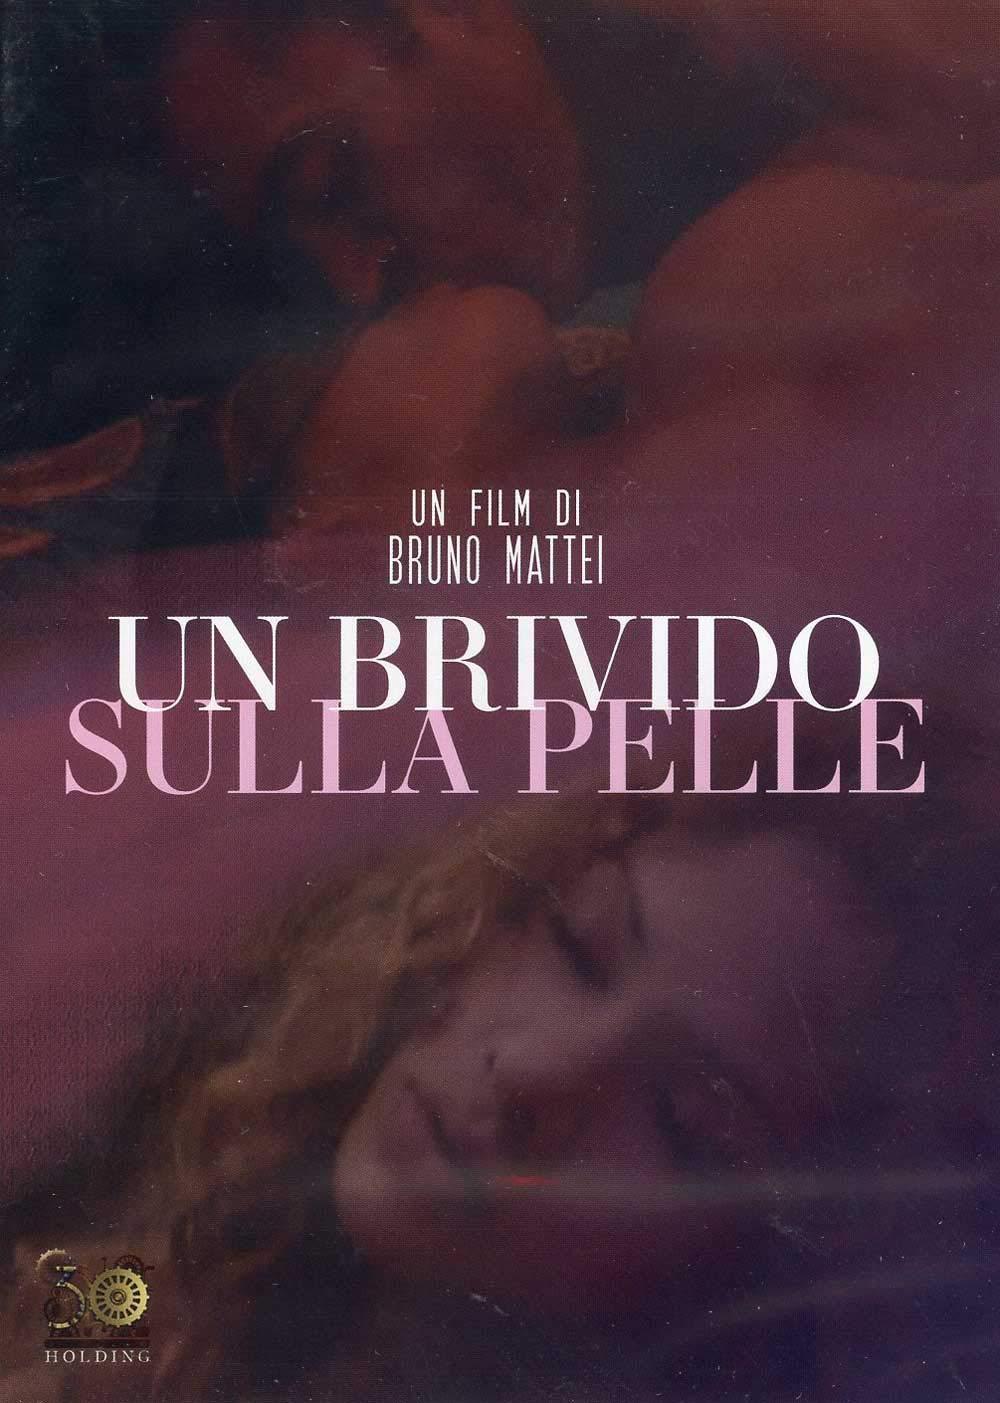 UN BRIVIDO SULLA PELLE (DVD)